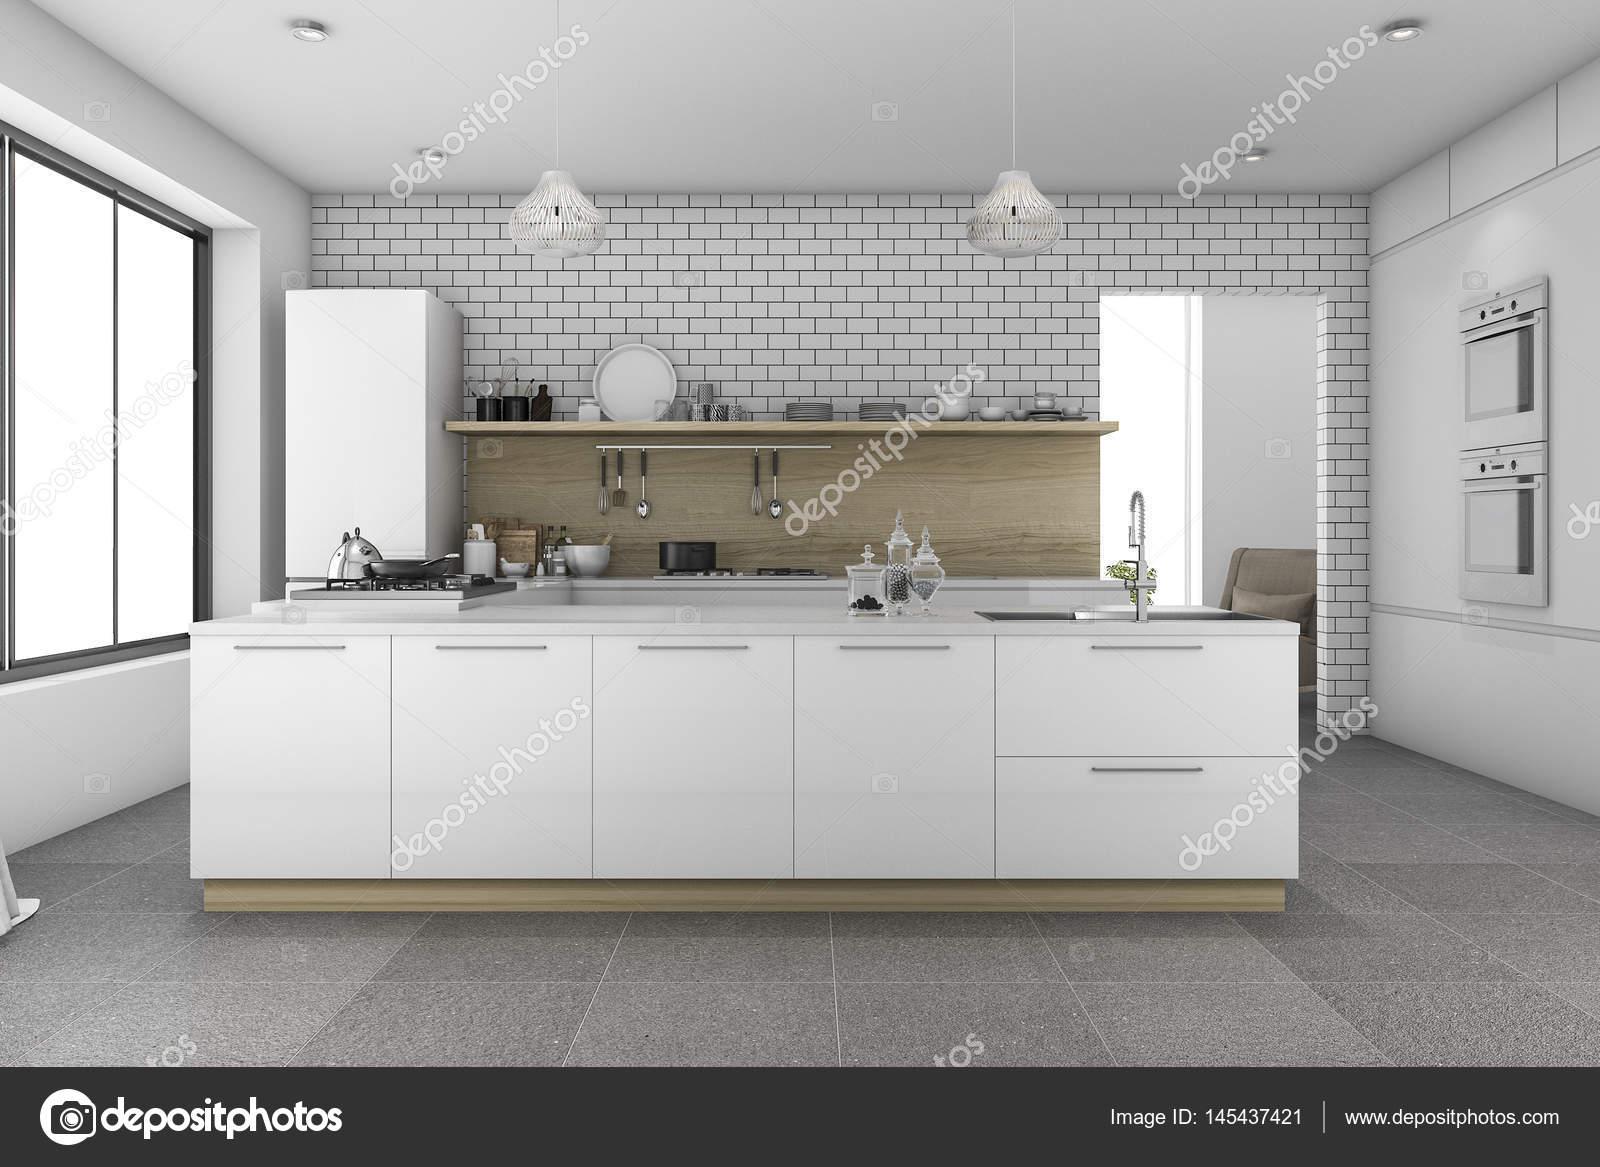 Mooie Keuken Tegels : 3d rendering mooie tegel keuken met bakstenen muur u2014 stockfoto